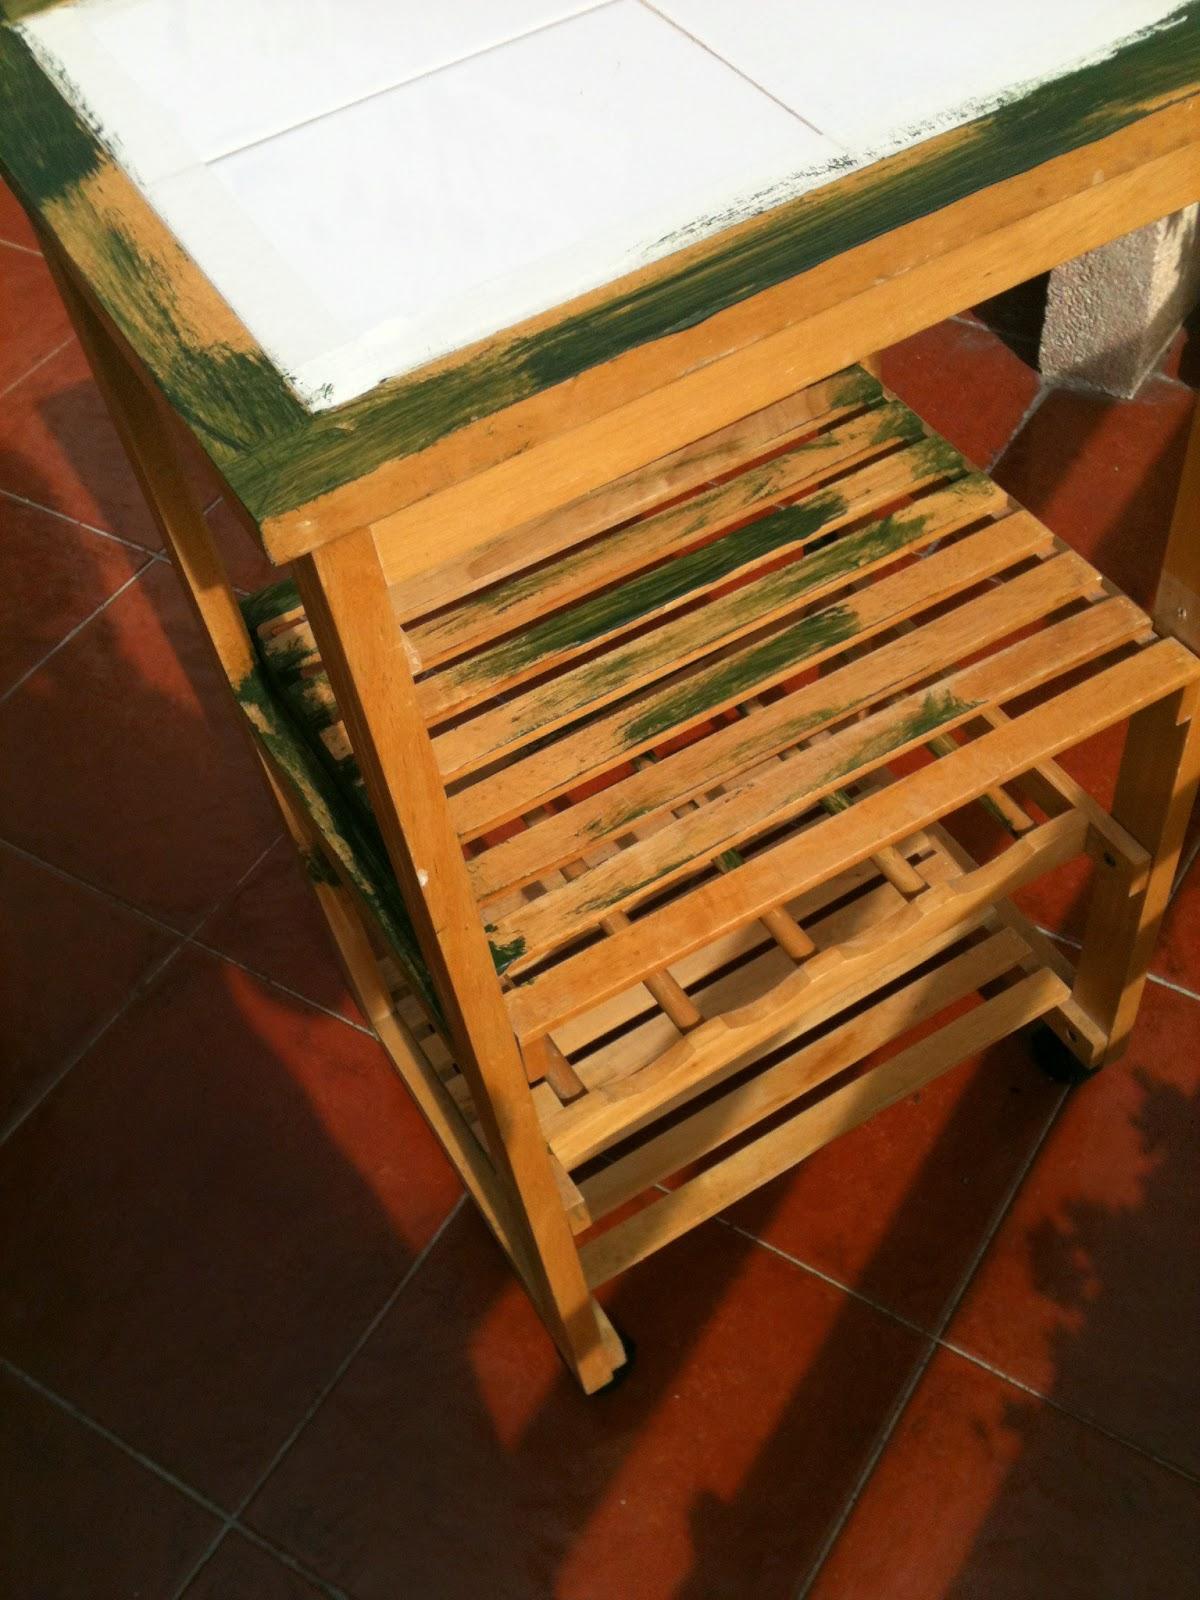 Como pode redecorar a sua cozinha,  restaurando pequenos móveis, Renovação de móveis de cozinha, Cozinha renovada, Decoração em cozinha